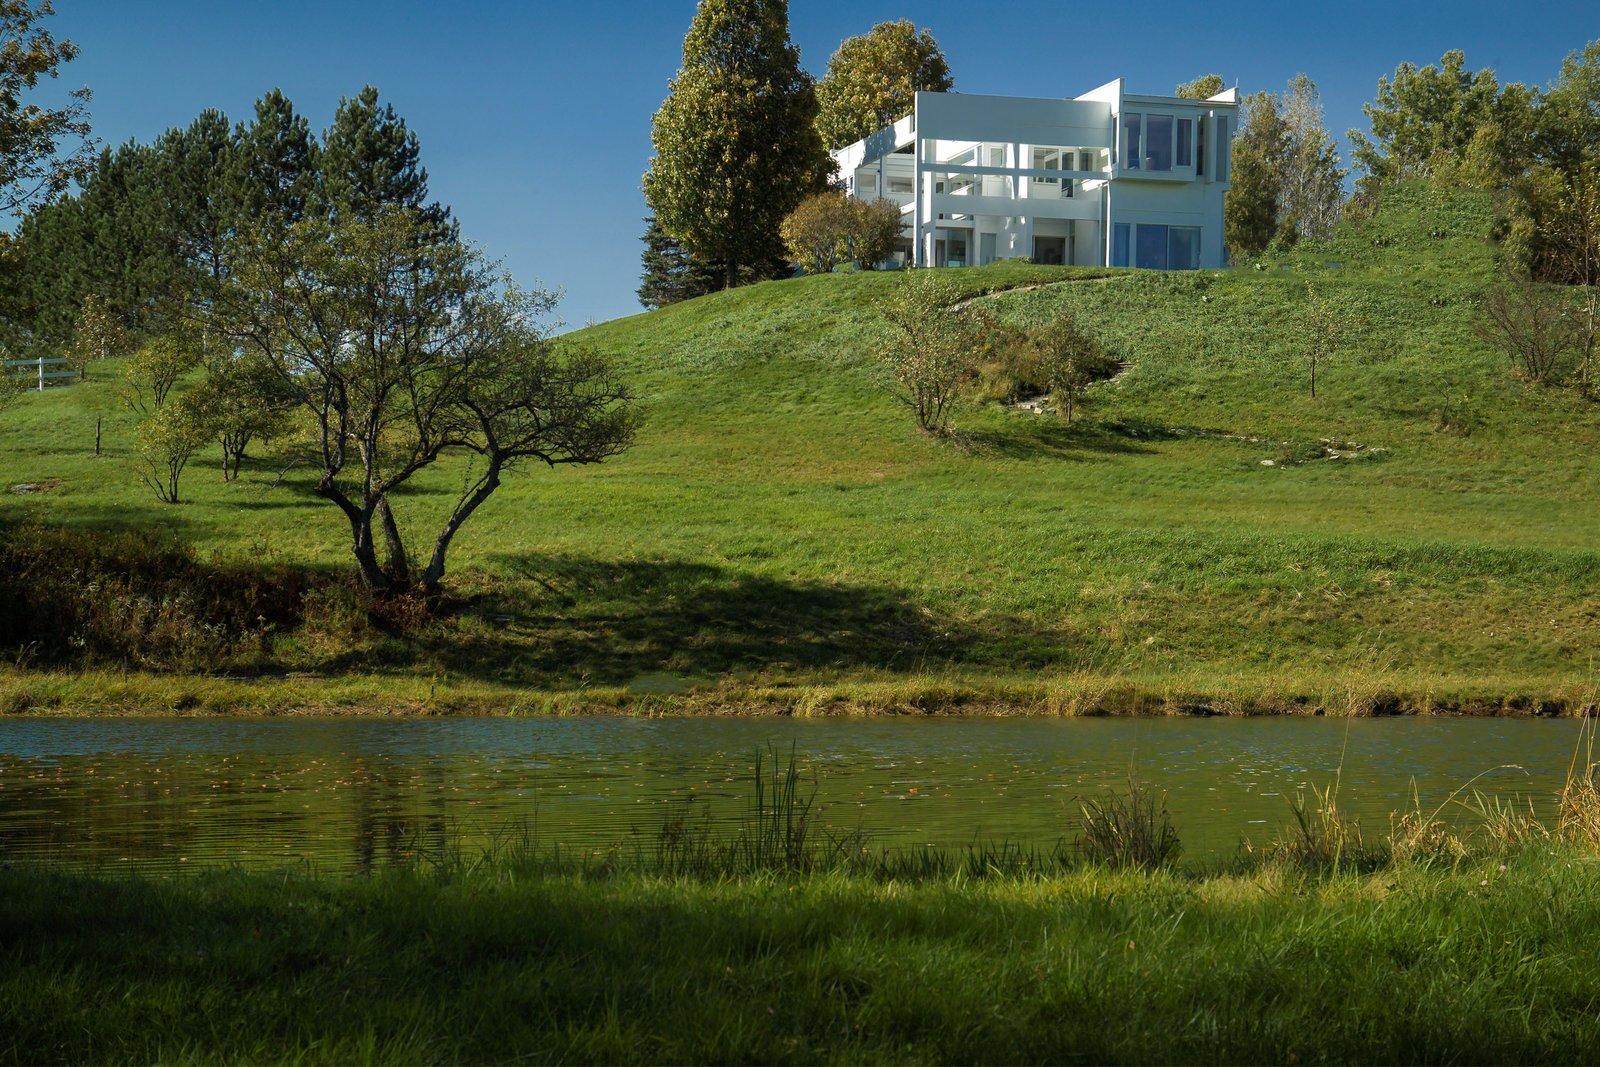 House II / Falk House: View across the pond  House II / Falk House